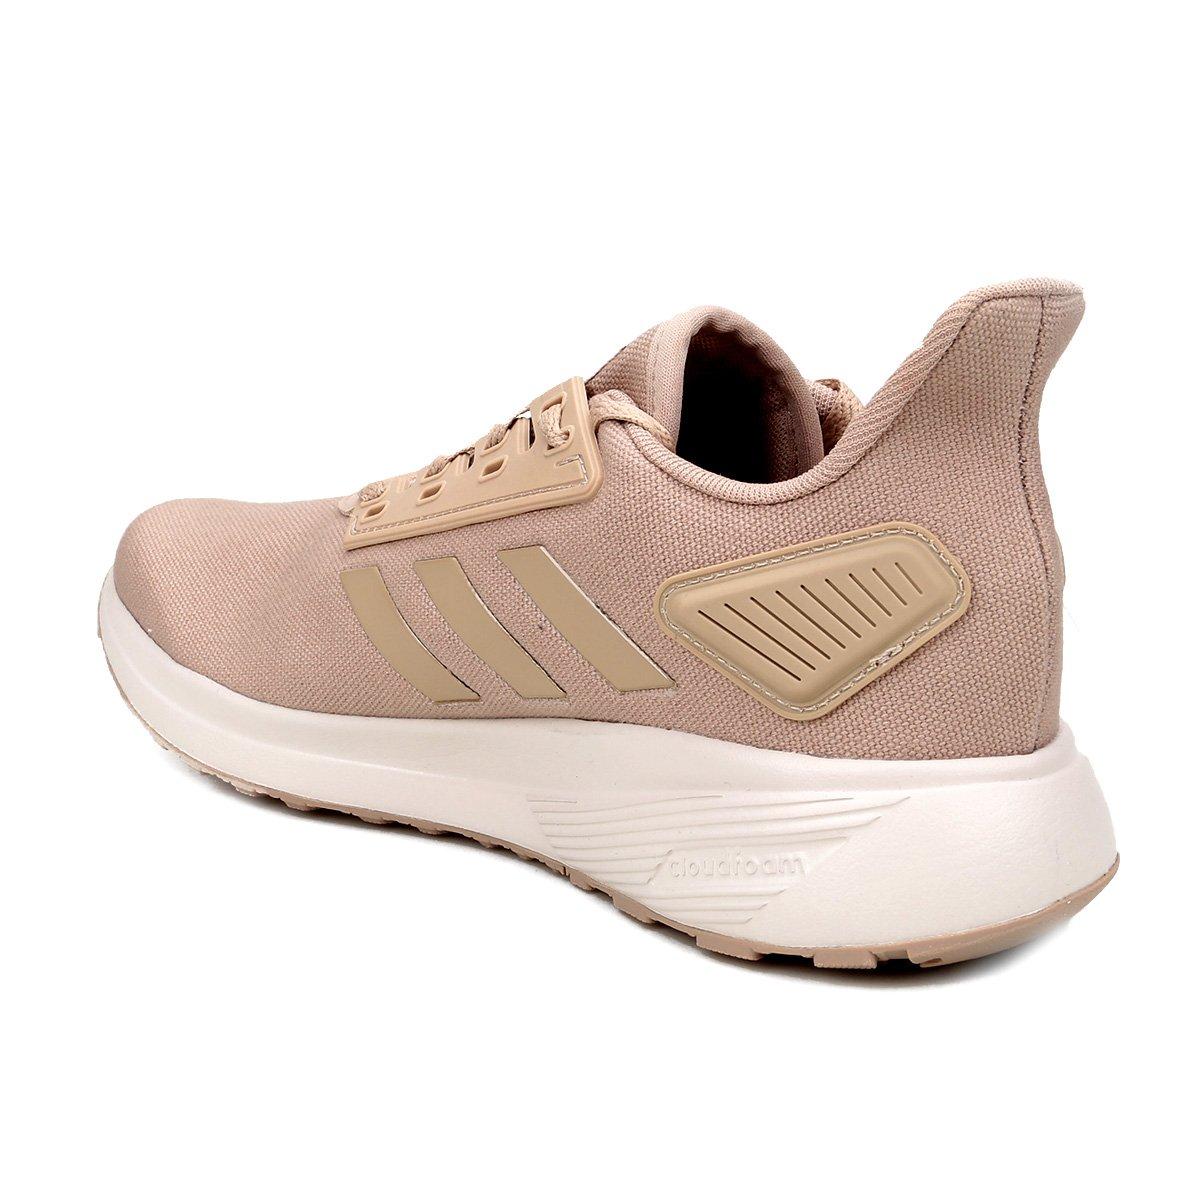 825e0eabc1 Tênis Adidas Duramo 9 Masculino - Bege - Compre Agora